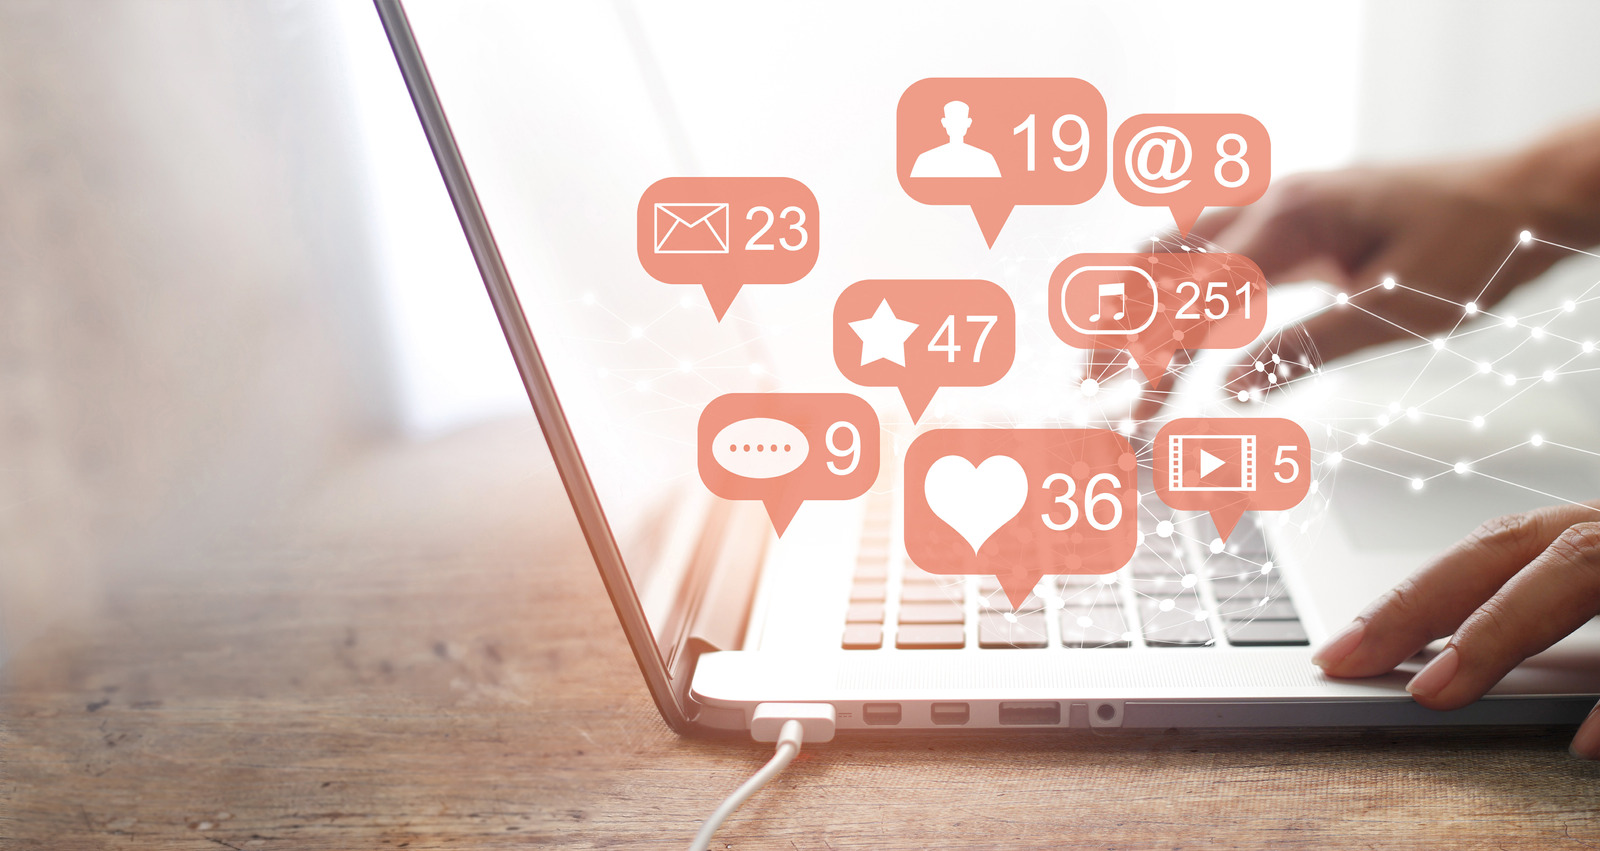 digital marketing plan digital marketing social media